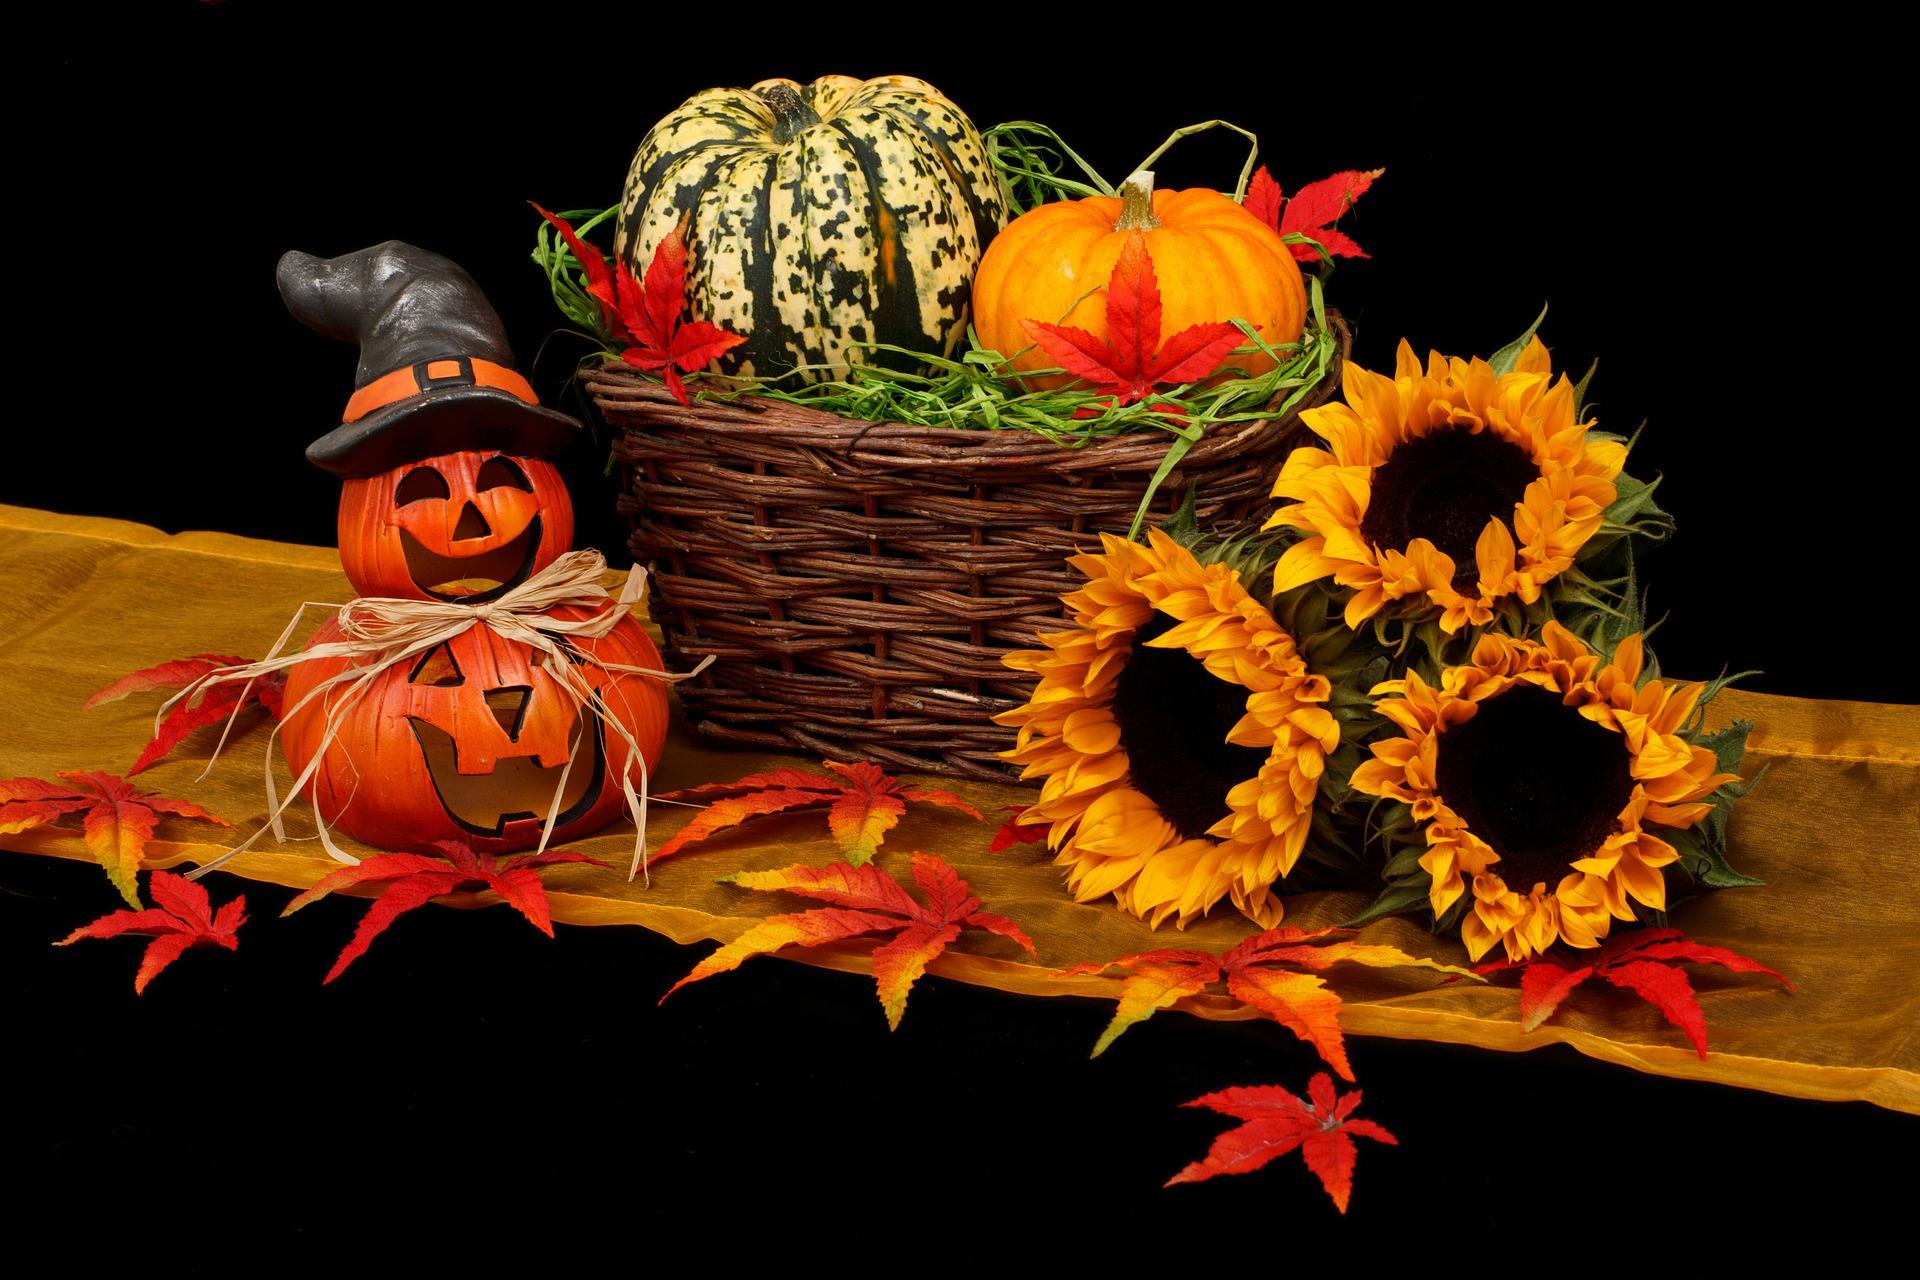 http://www.althea-fleurs.com/wp-content/uploads/2019/10/autumn-20461_1920-1-1.jpg